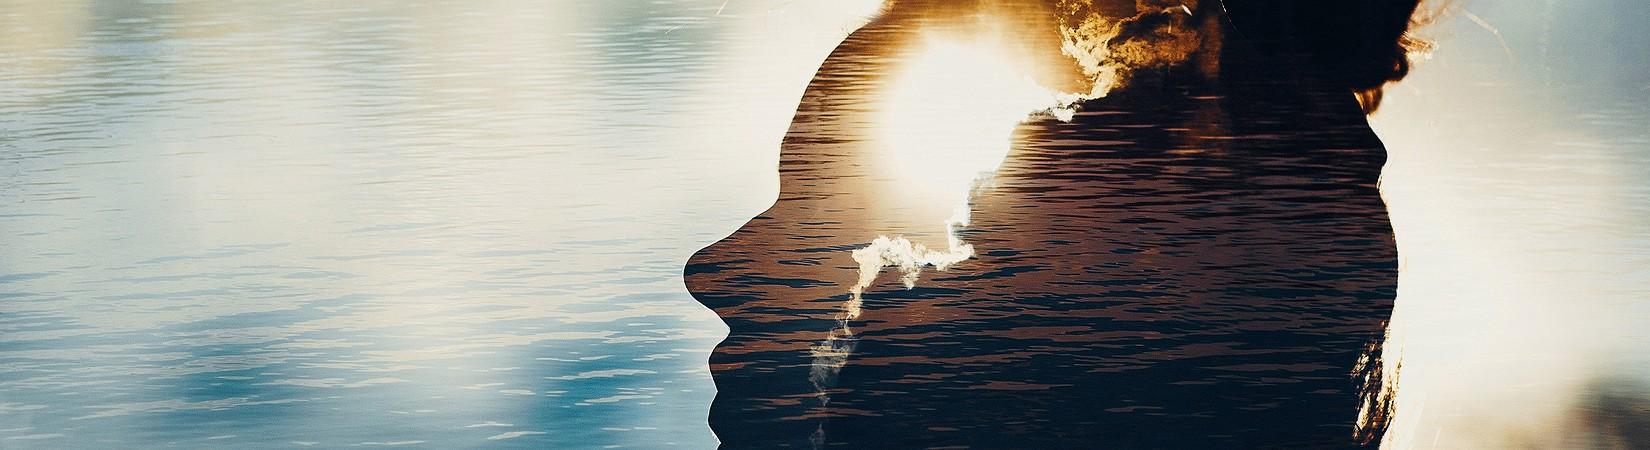 7 bloqueos mentales que te impiden tener éxito